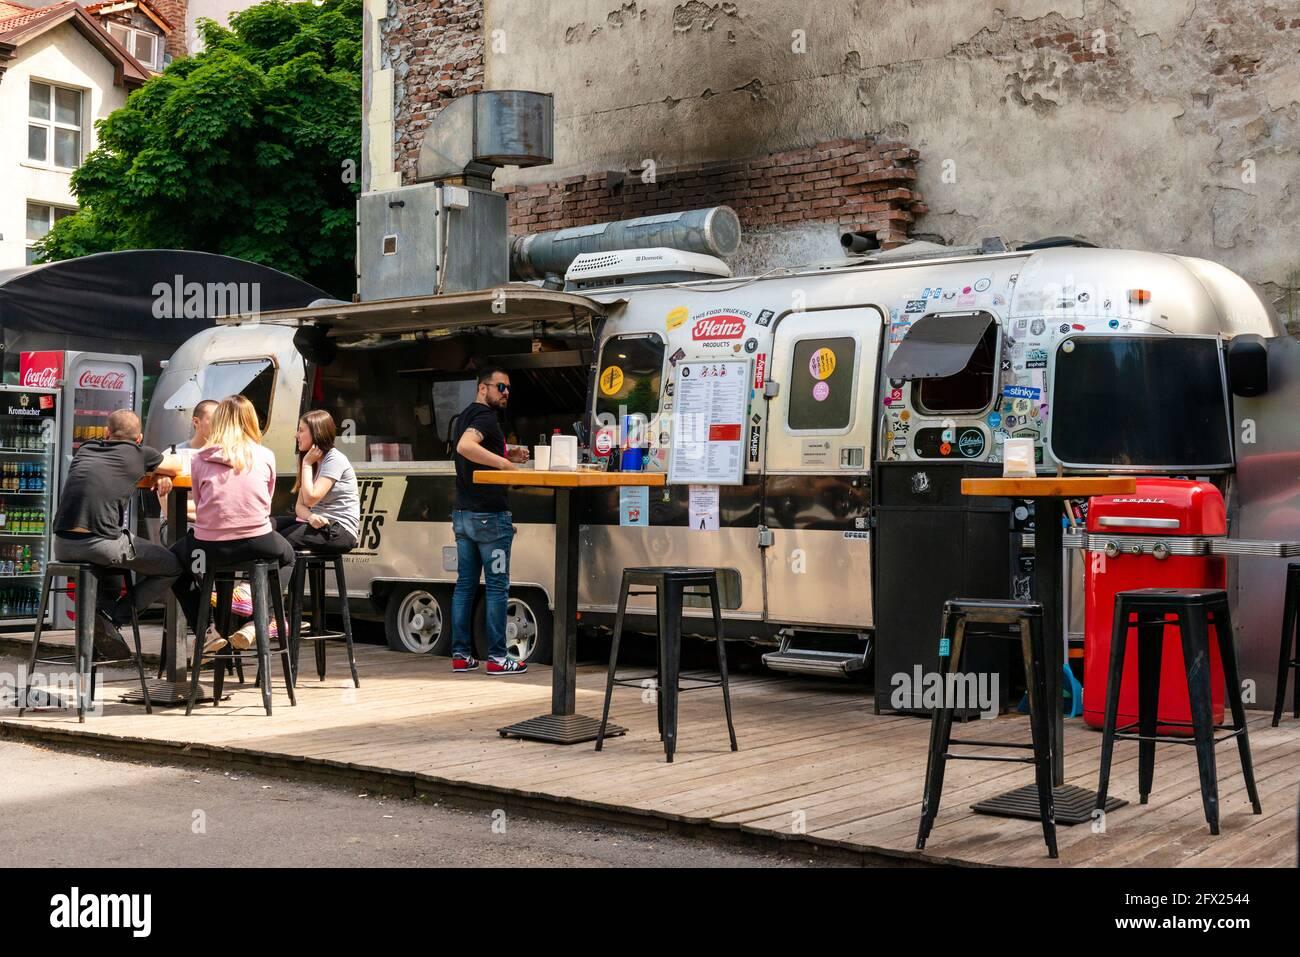 Green coffee van Serving customers on the promenade